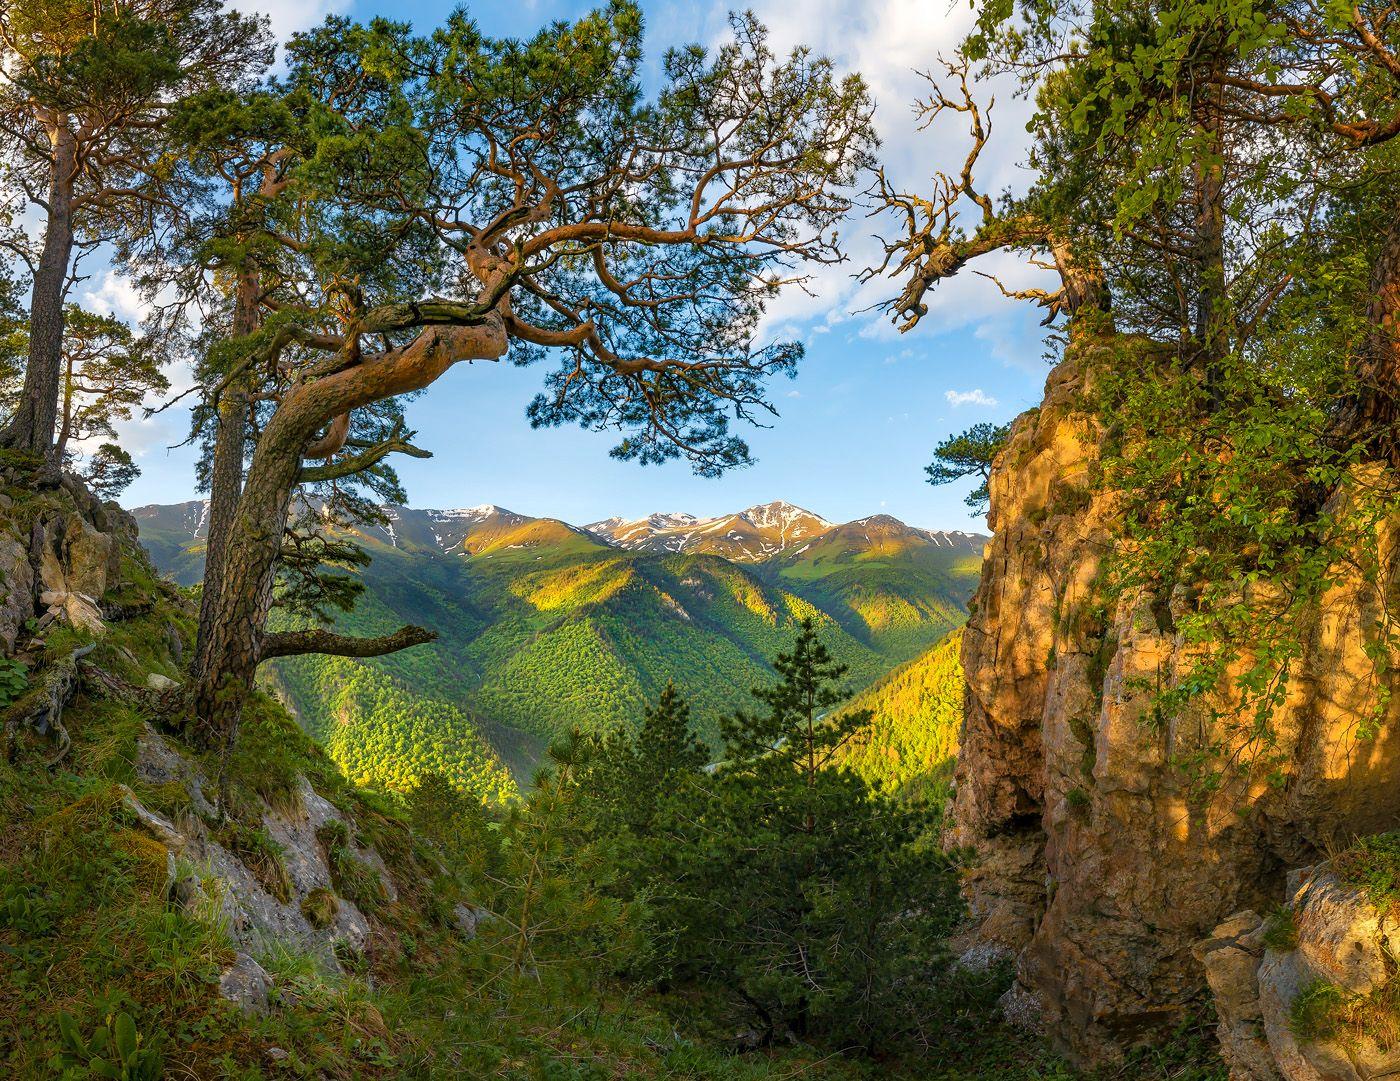 северный кавказ, горы, гора, архыз, хребет, горное, сосна, сосны, лес, деревья, лесное, дерево, ствол, путешествие, скалы,, Лашков Фёдор